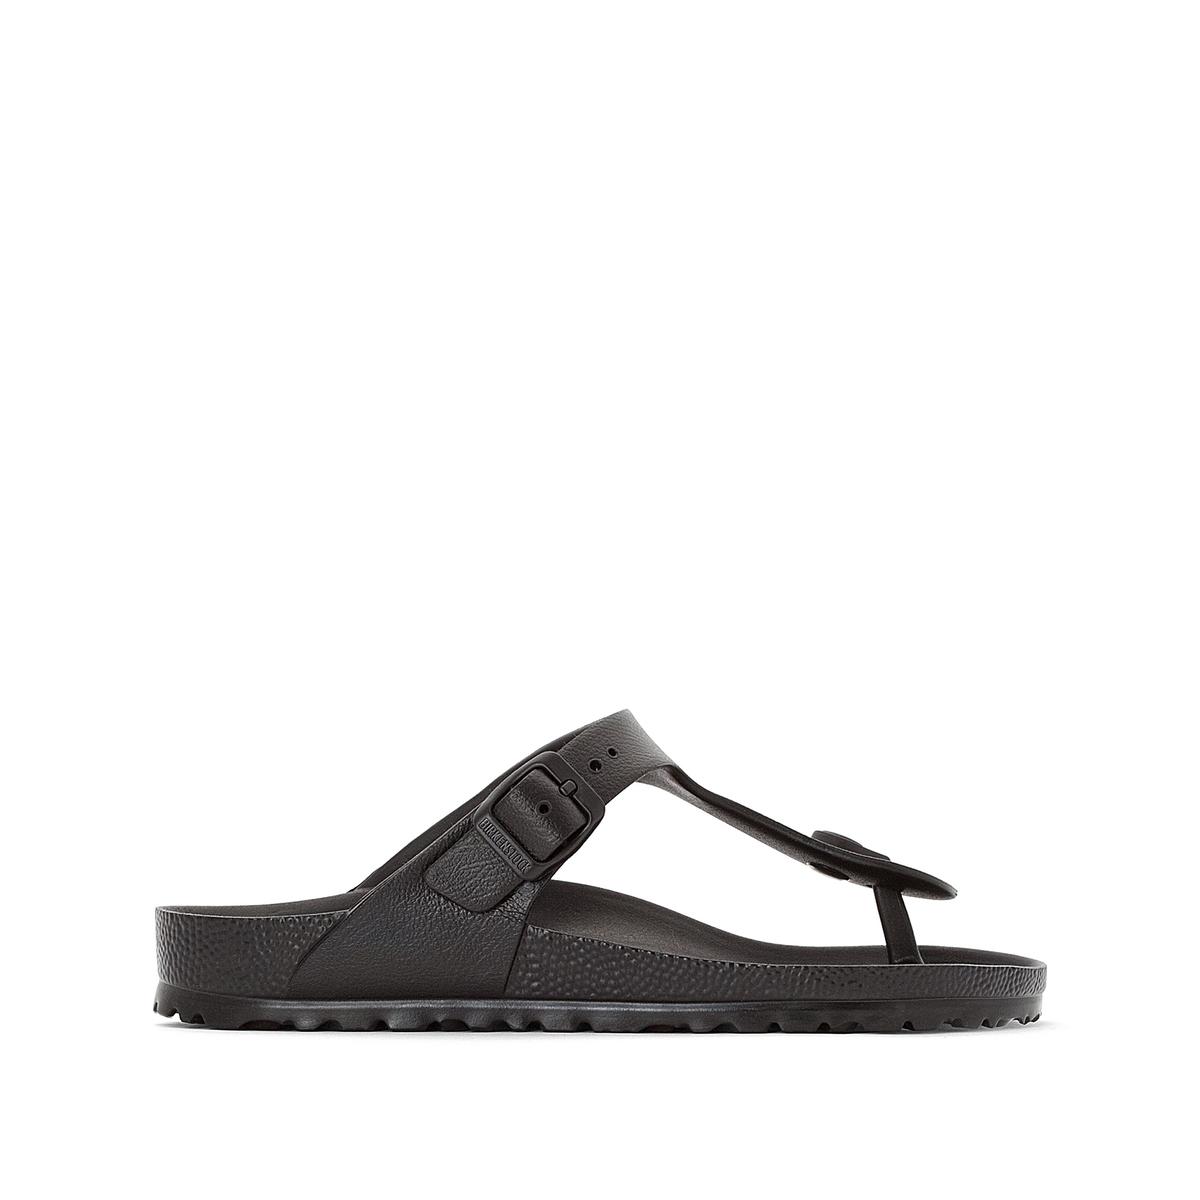 Туфли La Redoute Без задника Gizeh 37 черный туфли без задника кожаные с блестящими деталями